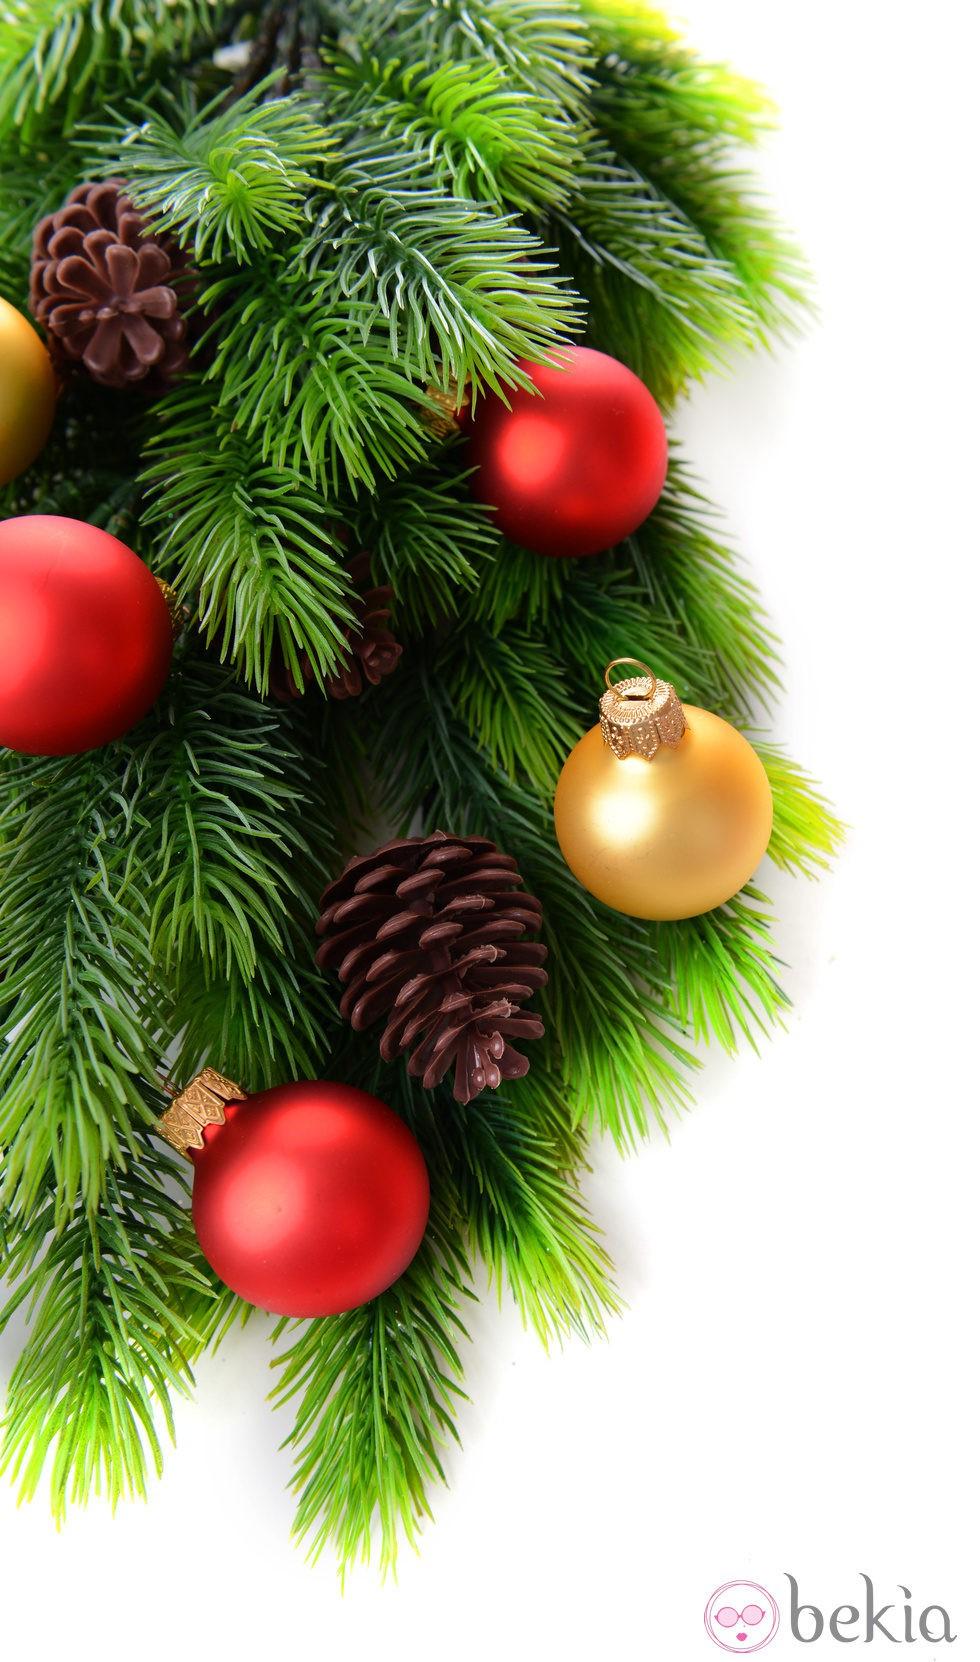 Rbol de navidad decorado con bolas doradas y rojos y - Decorar pinas naturales ...